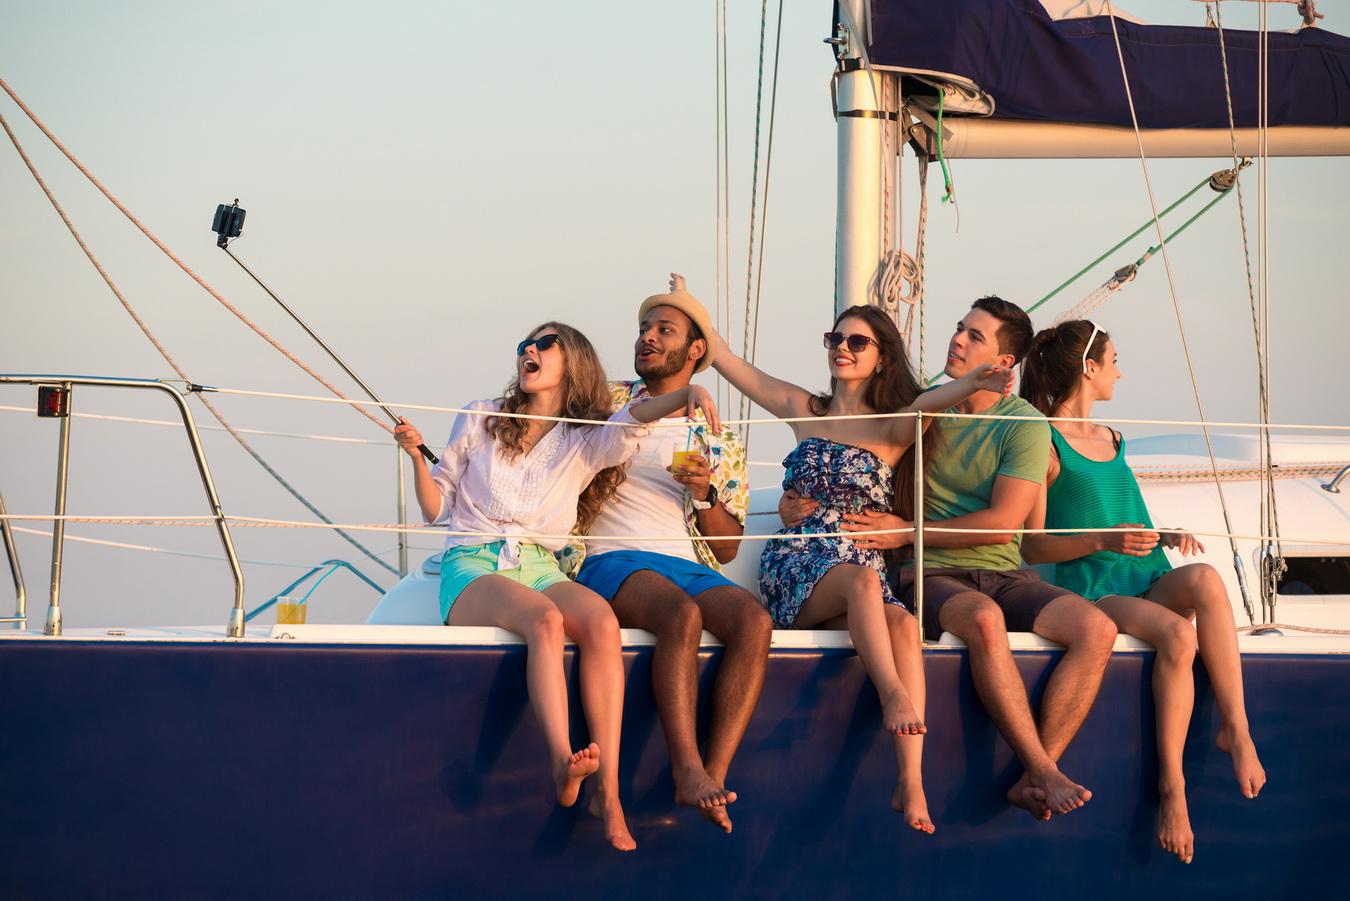 Merry company celebrates birthday on a yacht.